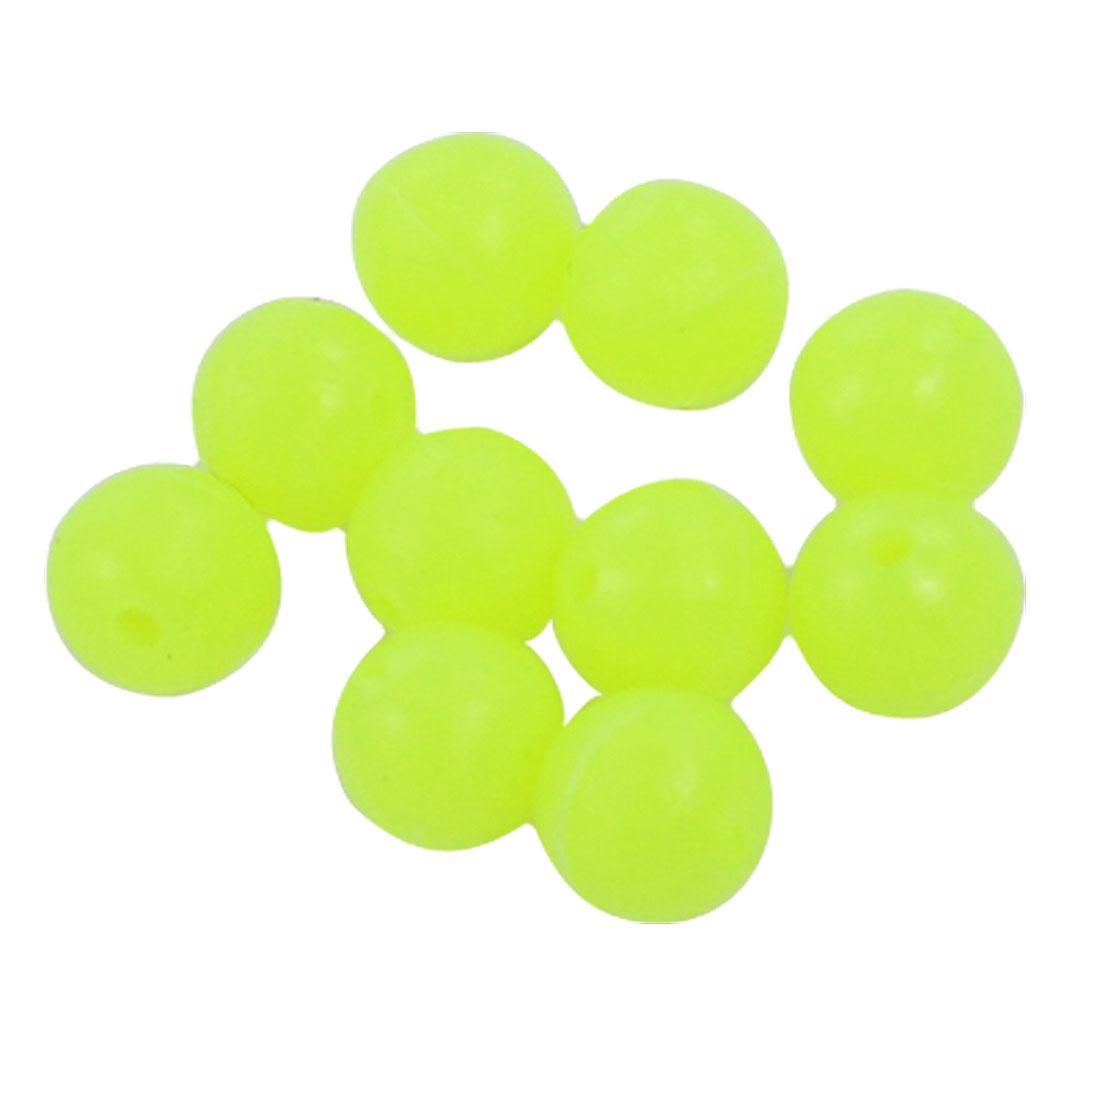 10 Pcs Round Bright Yellow Plastic Fishing Lure Beads